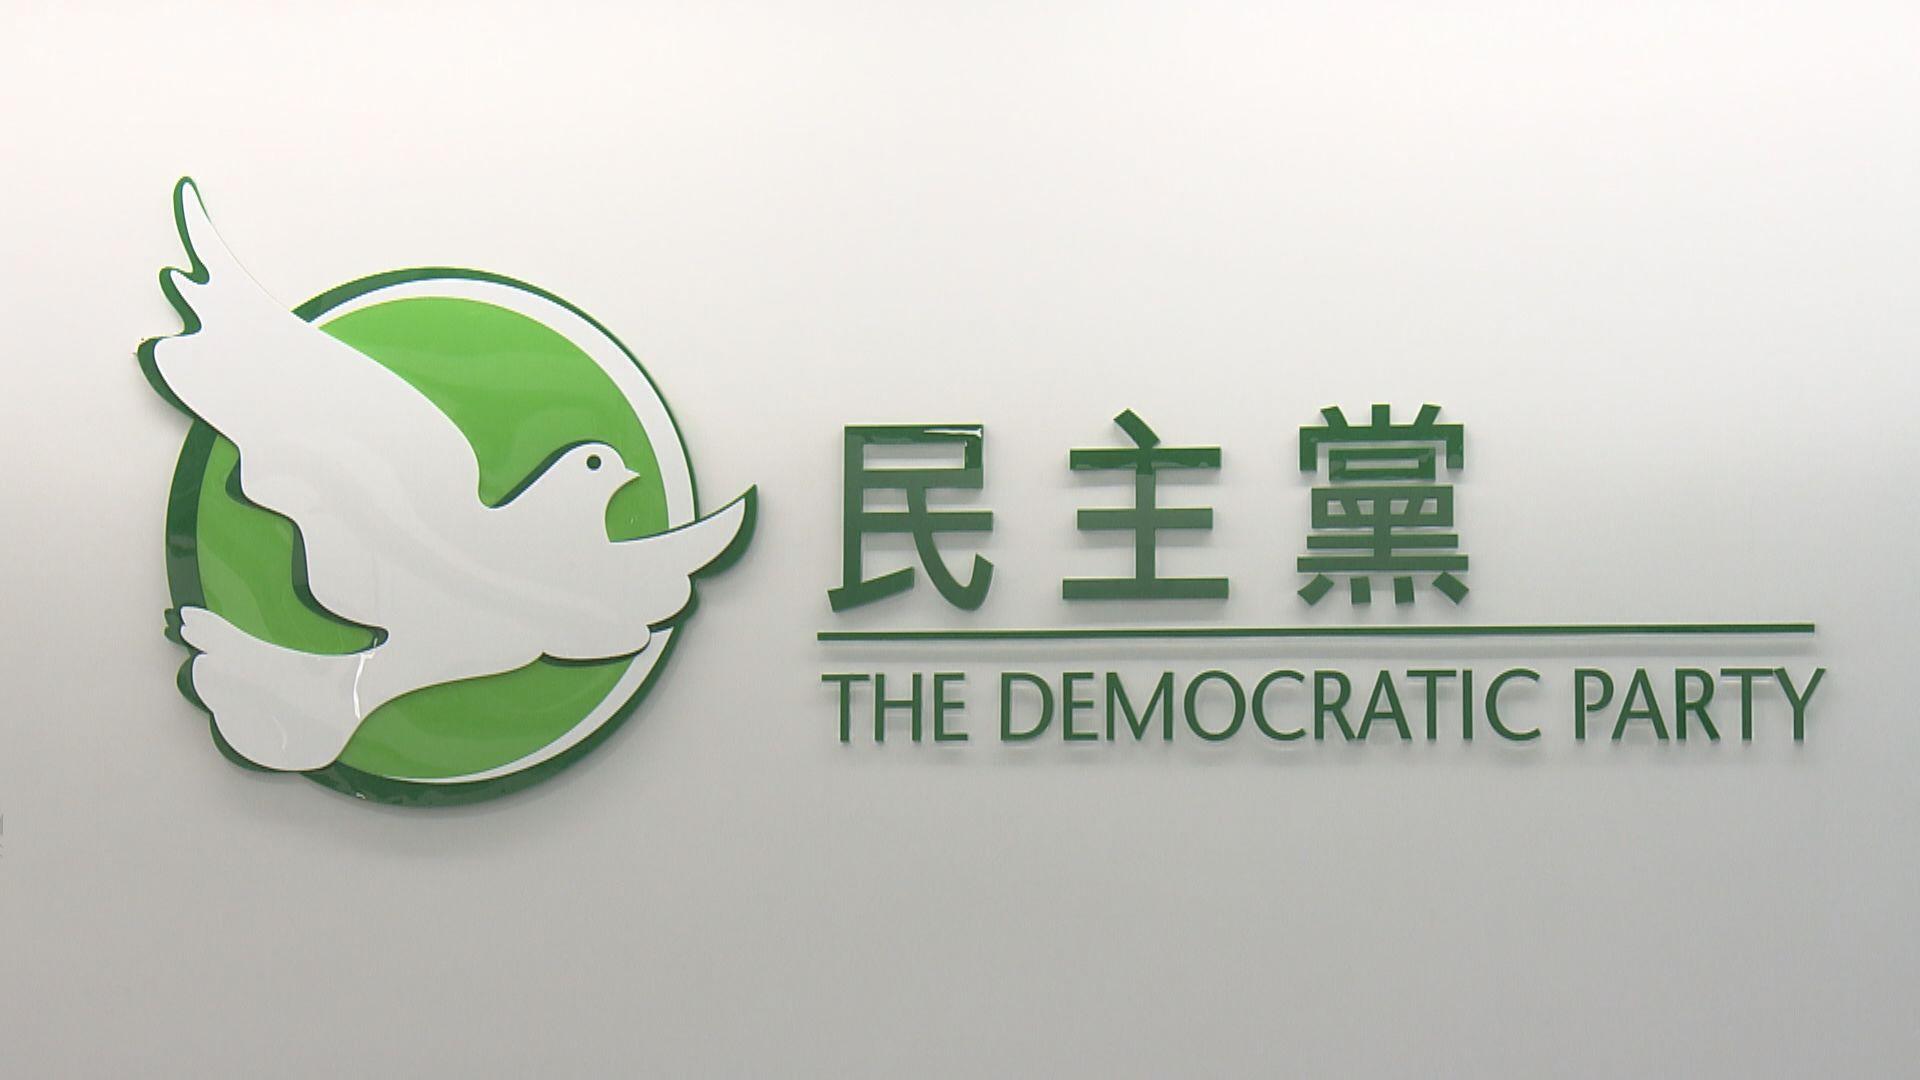 盧文端:若民主黨任由罷選派主導死抱激進對抗路線死不足惜